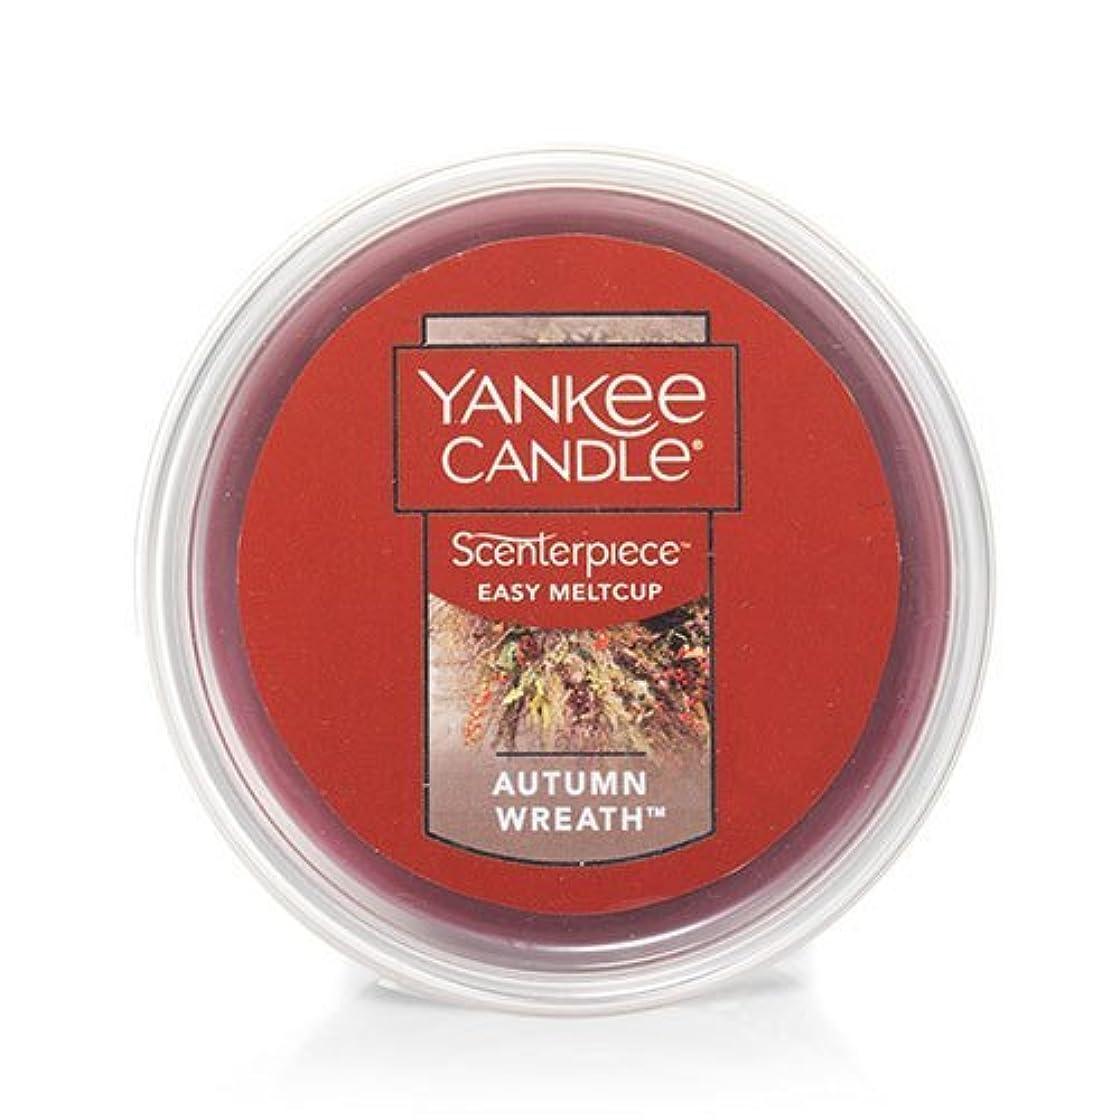 休日にどうしたの銀Yankee Candle Autumn Wreath Scenterpiece Easy MeltCup , Food & Spice香り2.2 Oz